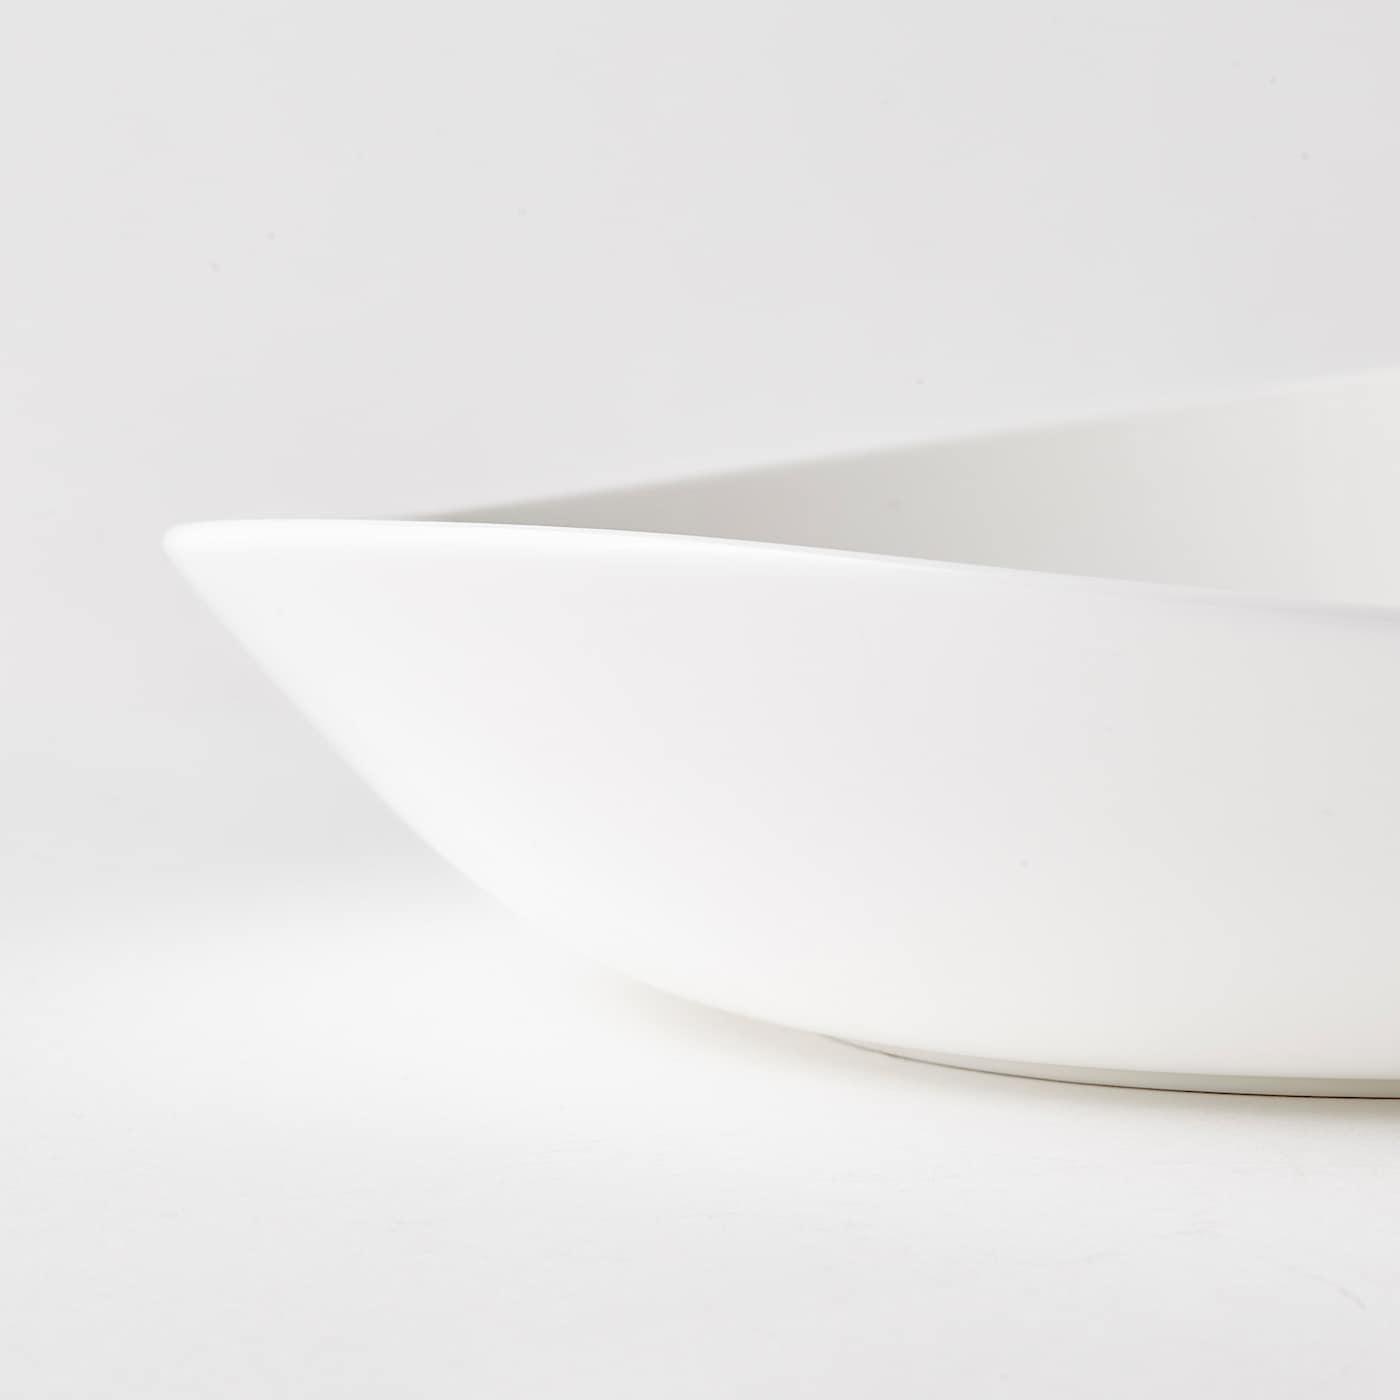 SKYN tiefer Teller weiß 24 cm 2 Stück